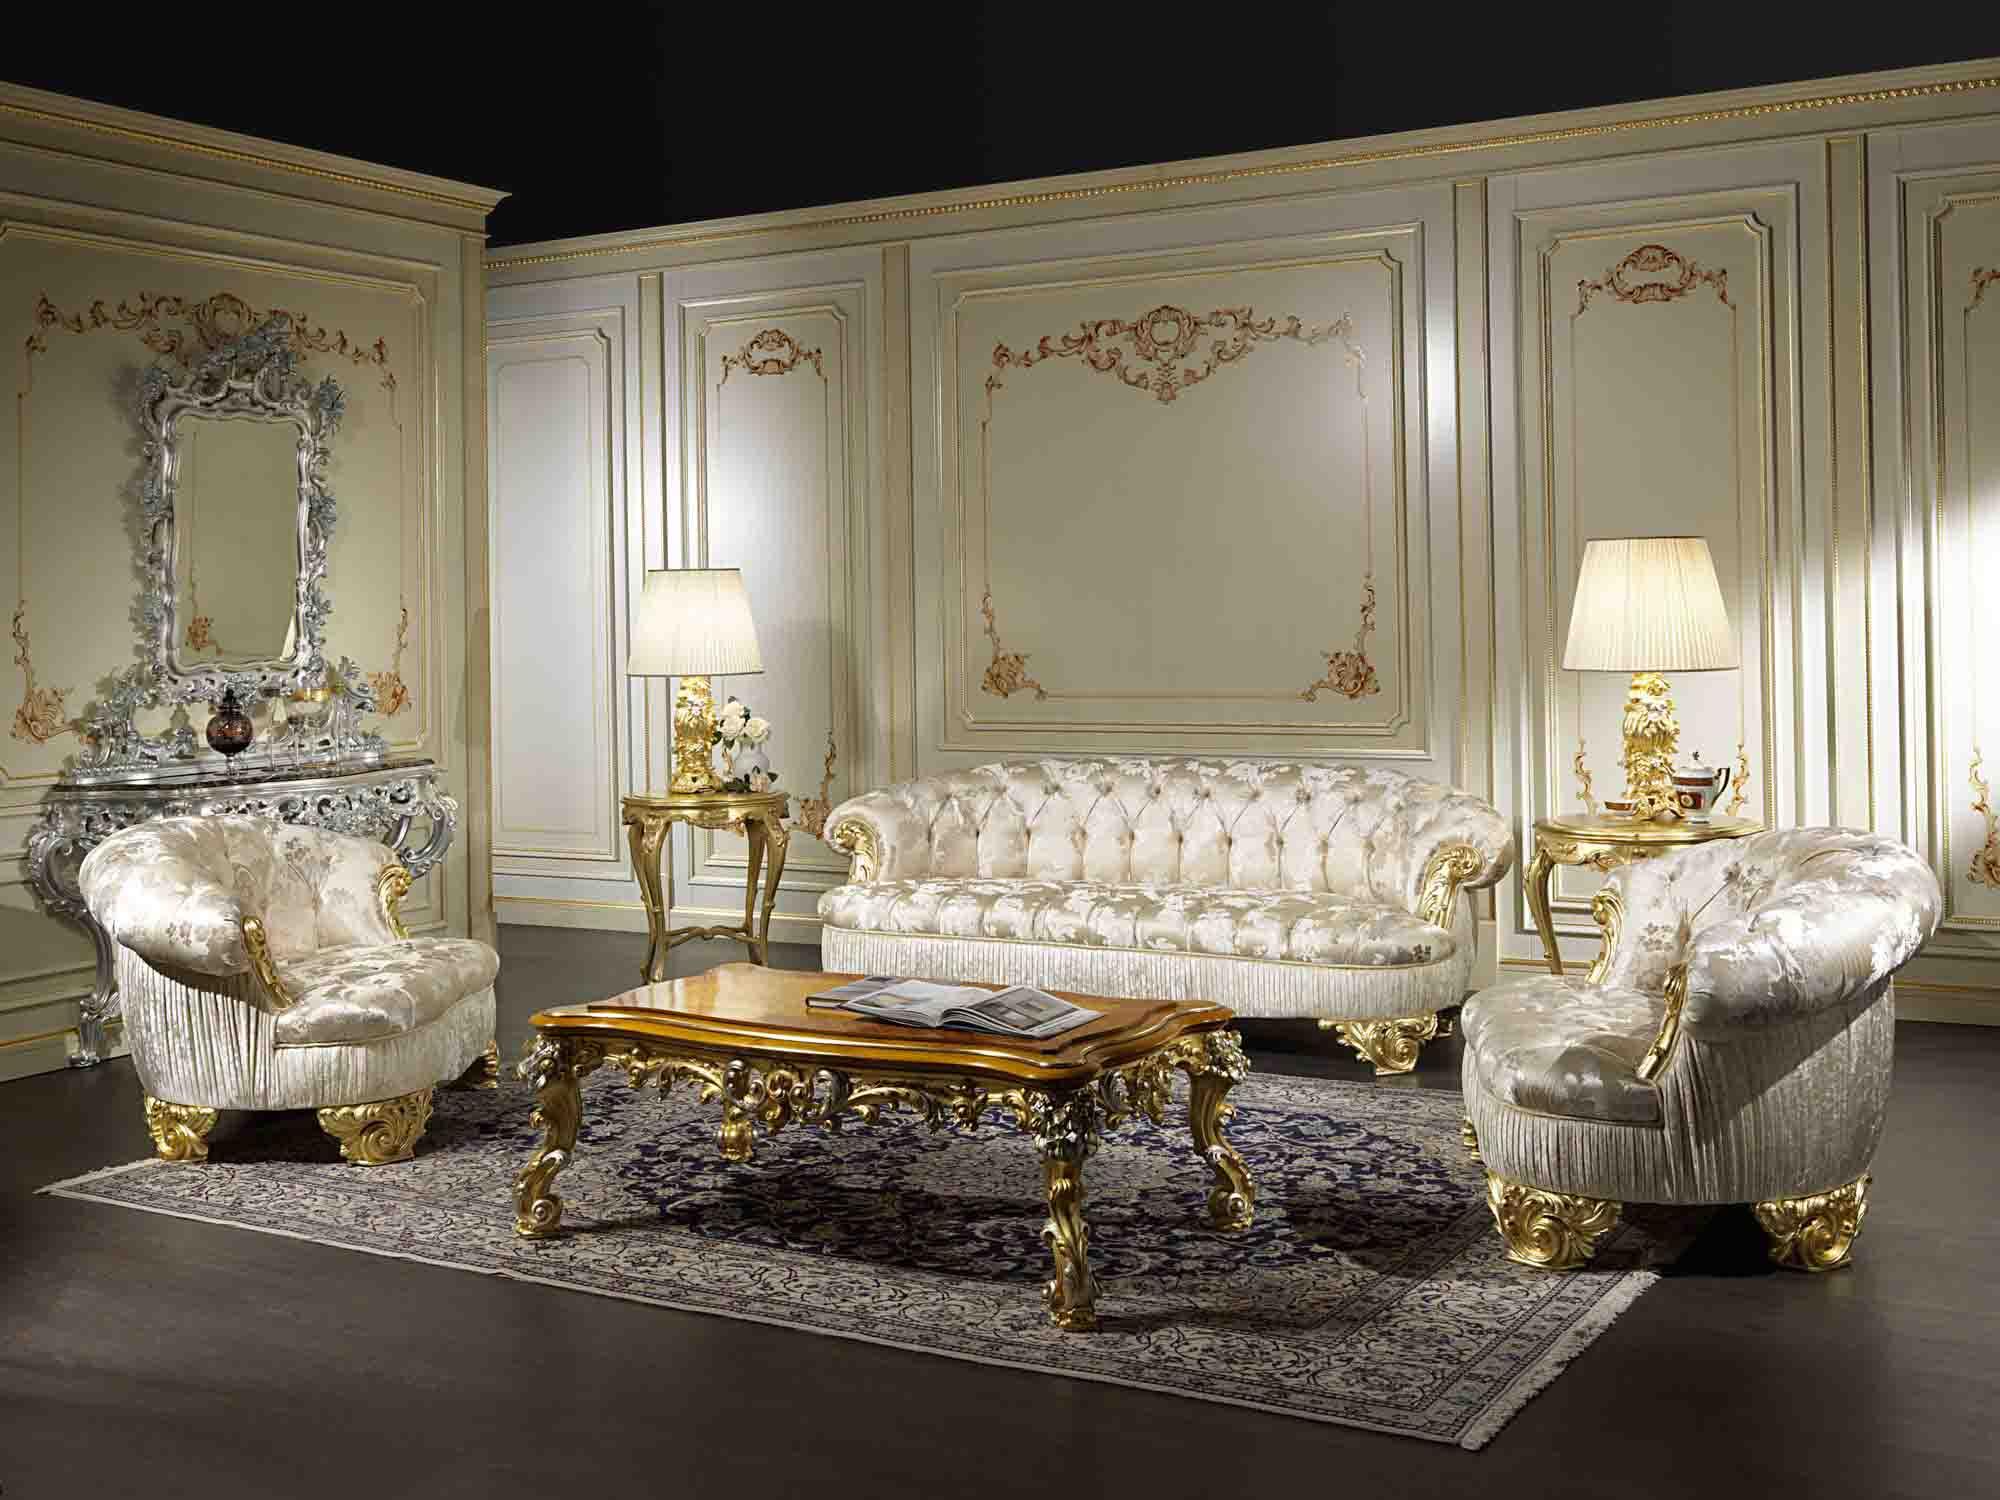 سبک دکوراسیون کلاسیک با رنگ غالب خنثی سفید عاجی